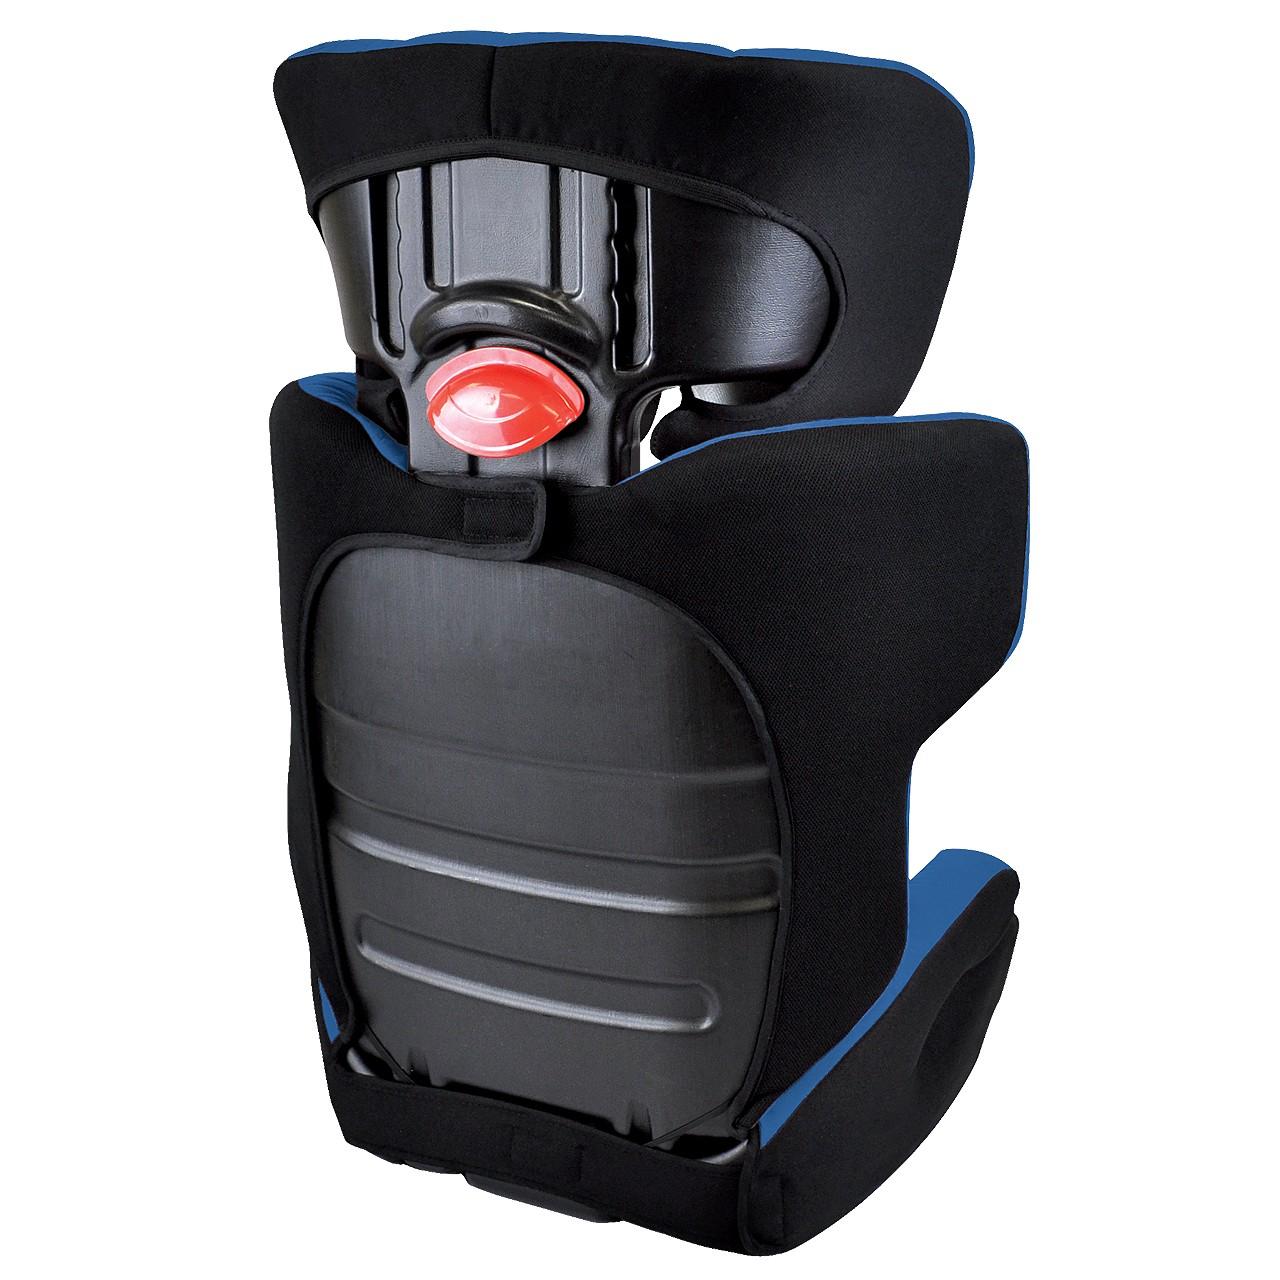 Dreamtime Elite - Siège d'auto d'appoint confort - Bleu